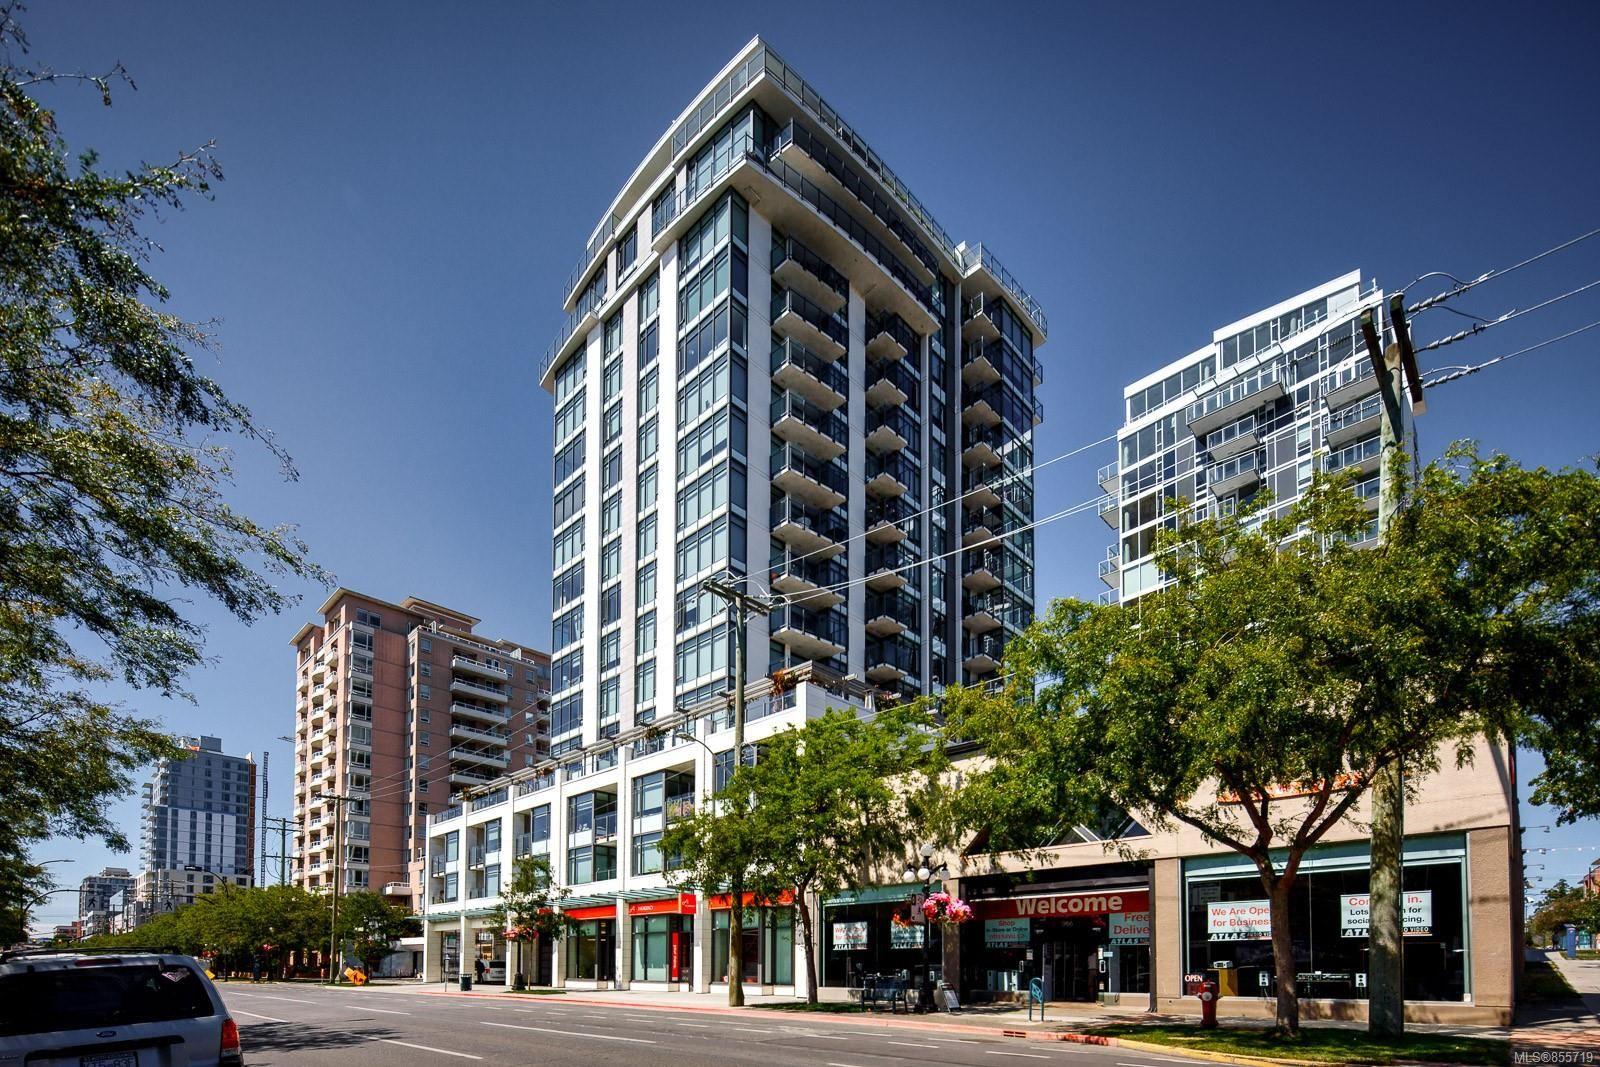 Main Photo: 305 960 Yates St in : Vi Downtown Condo for sale (Victoria)  : MLS®# 855719